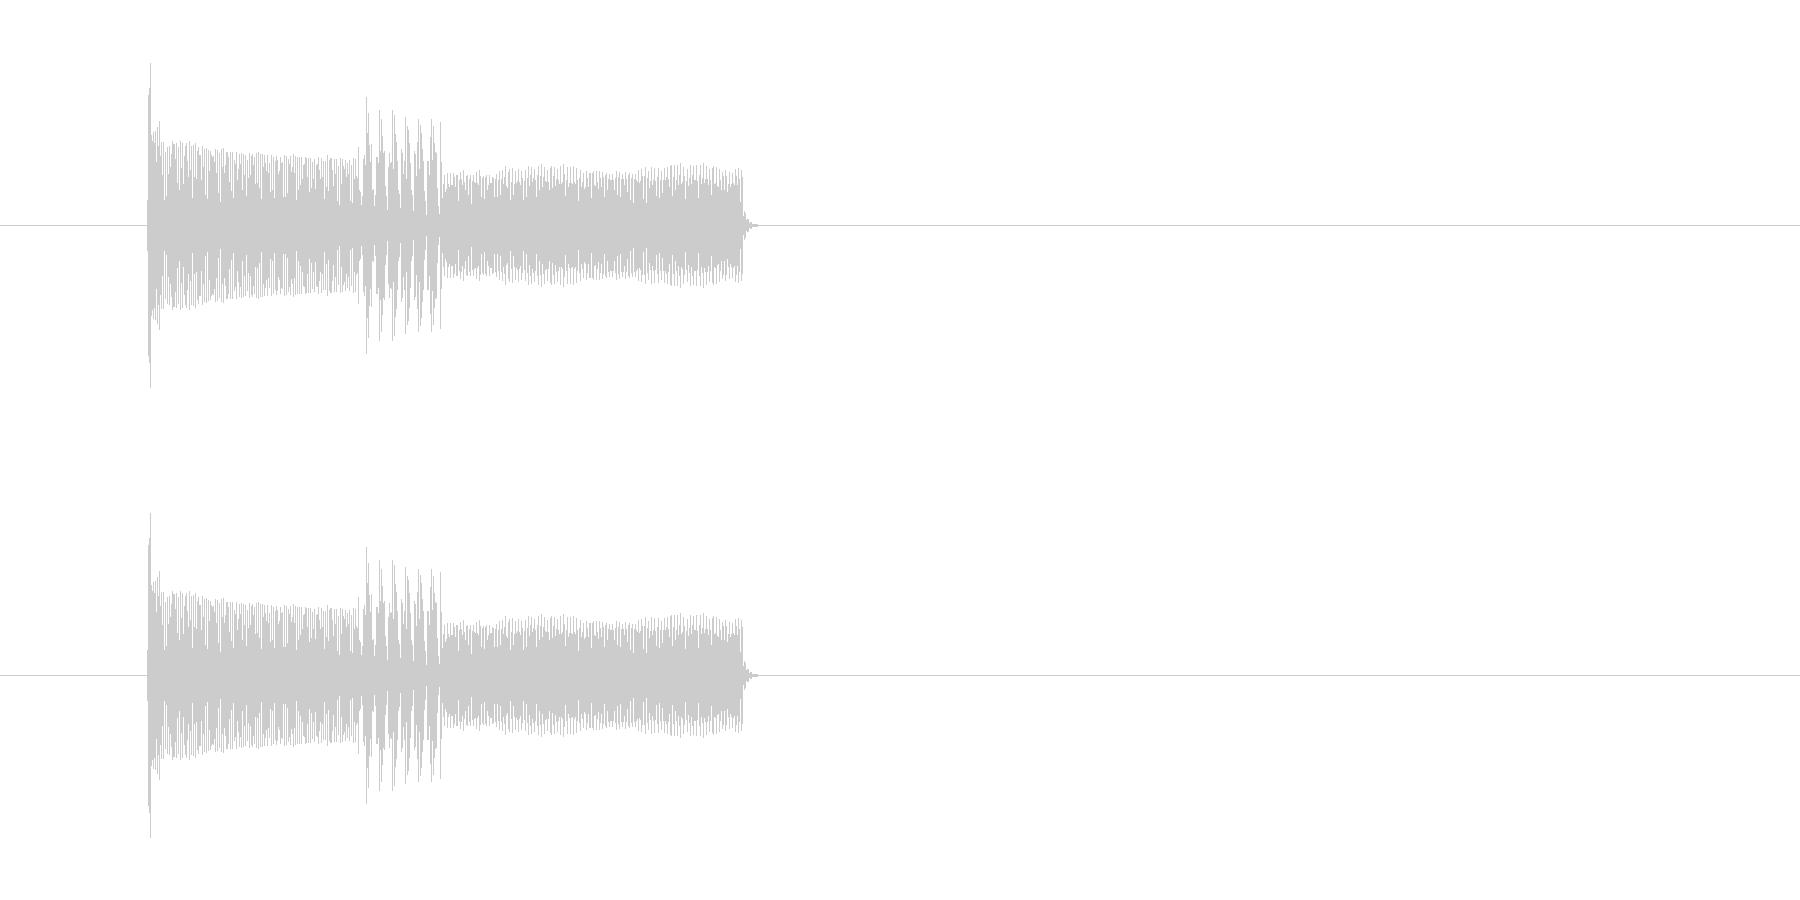 キャンセル音 ピコピコ 電子音の未再生の波形